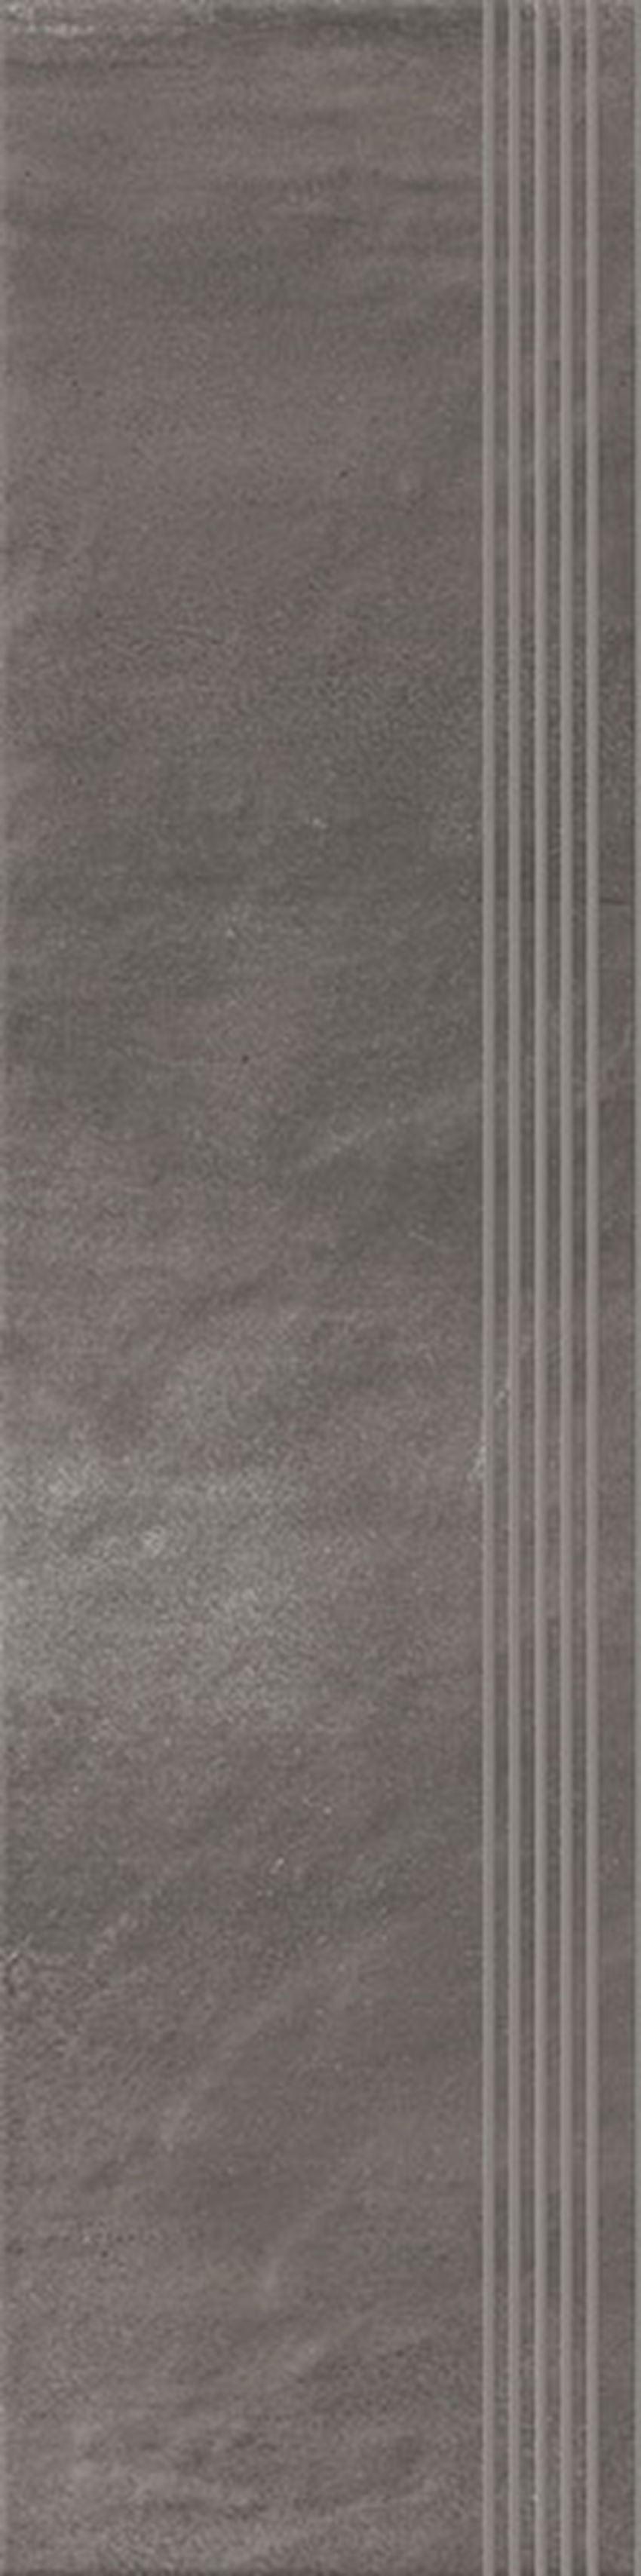 Płytka stopnicowa 29,8x119,8 cm Paradyż Hybrid Stone Grafit Stopnica Prosta Nacinana